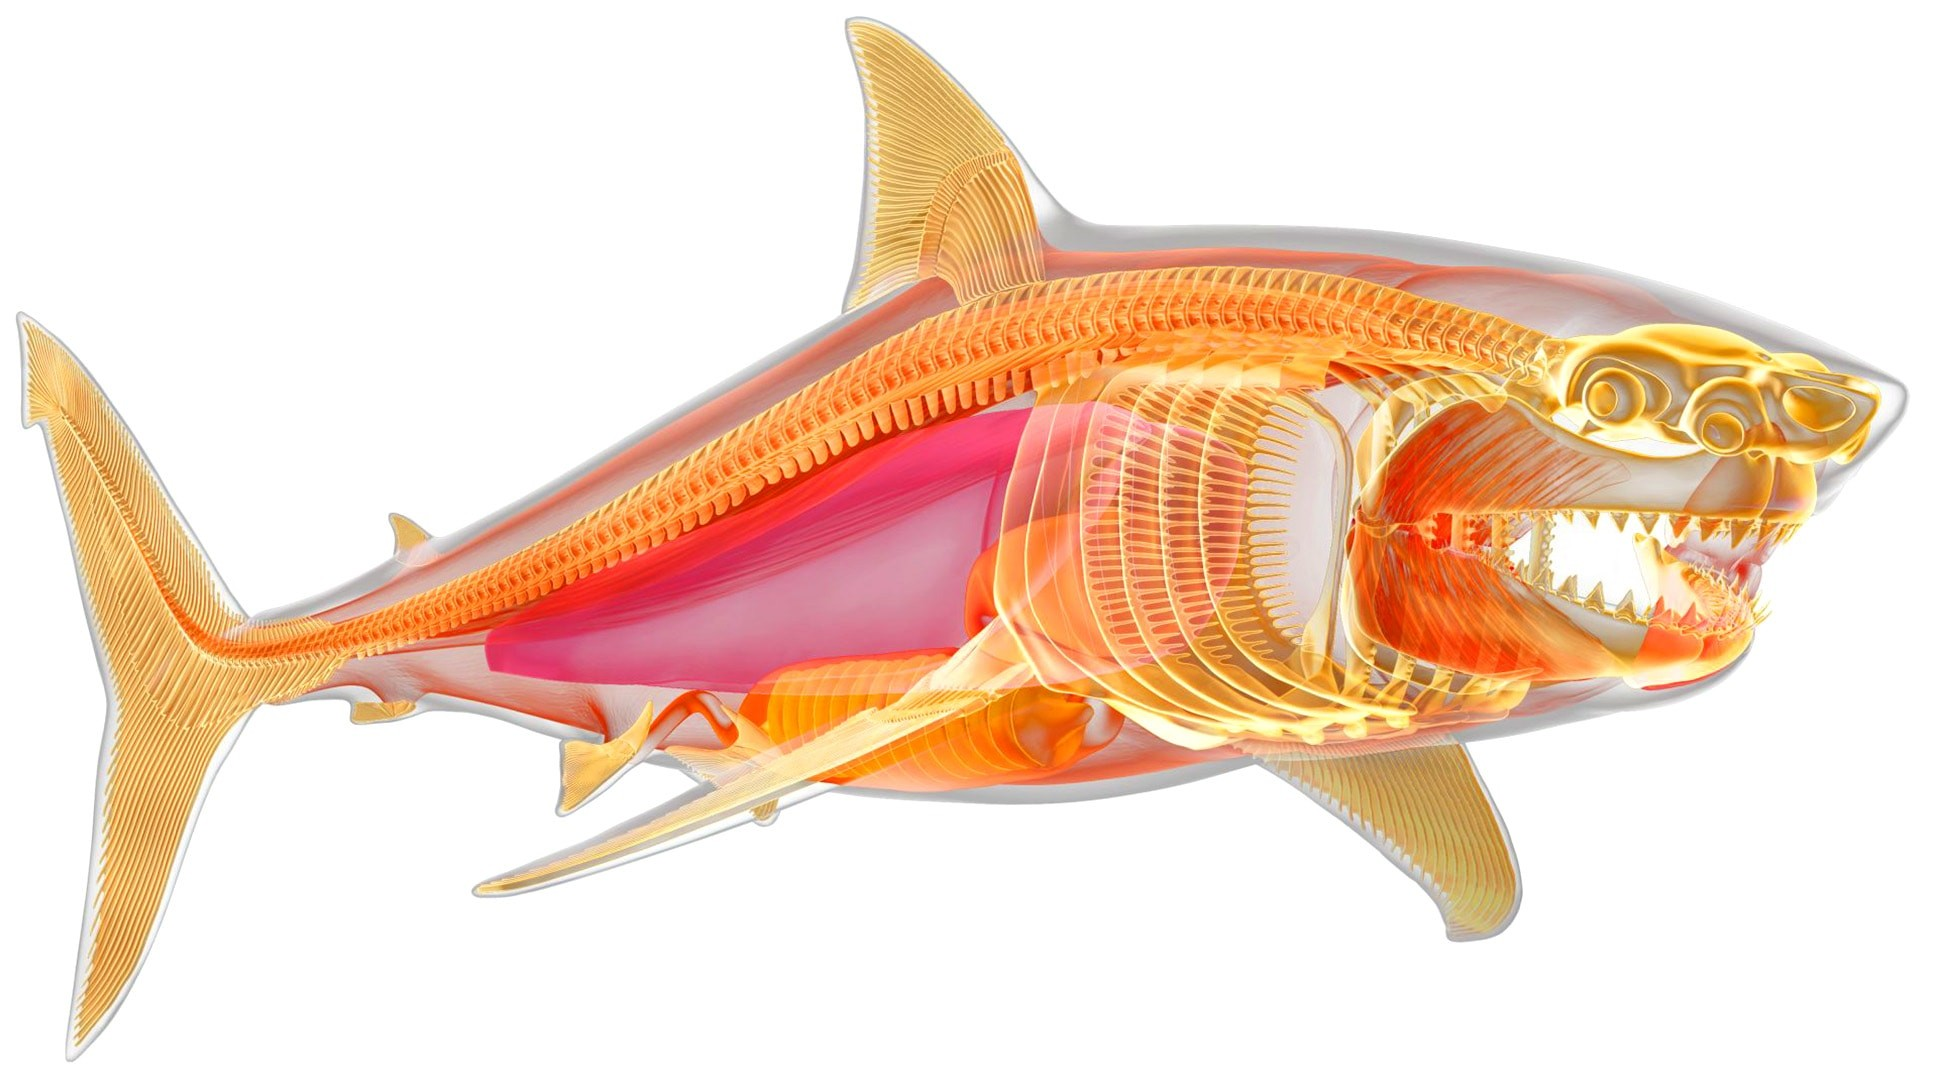 Скелет хрящевой рыбы